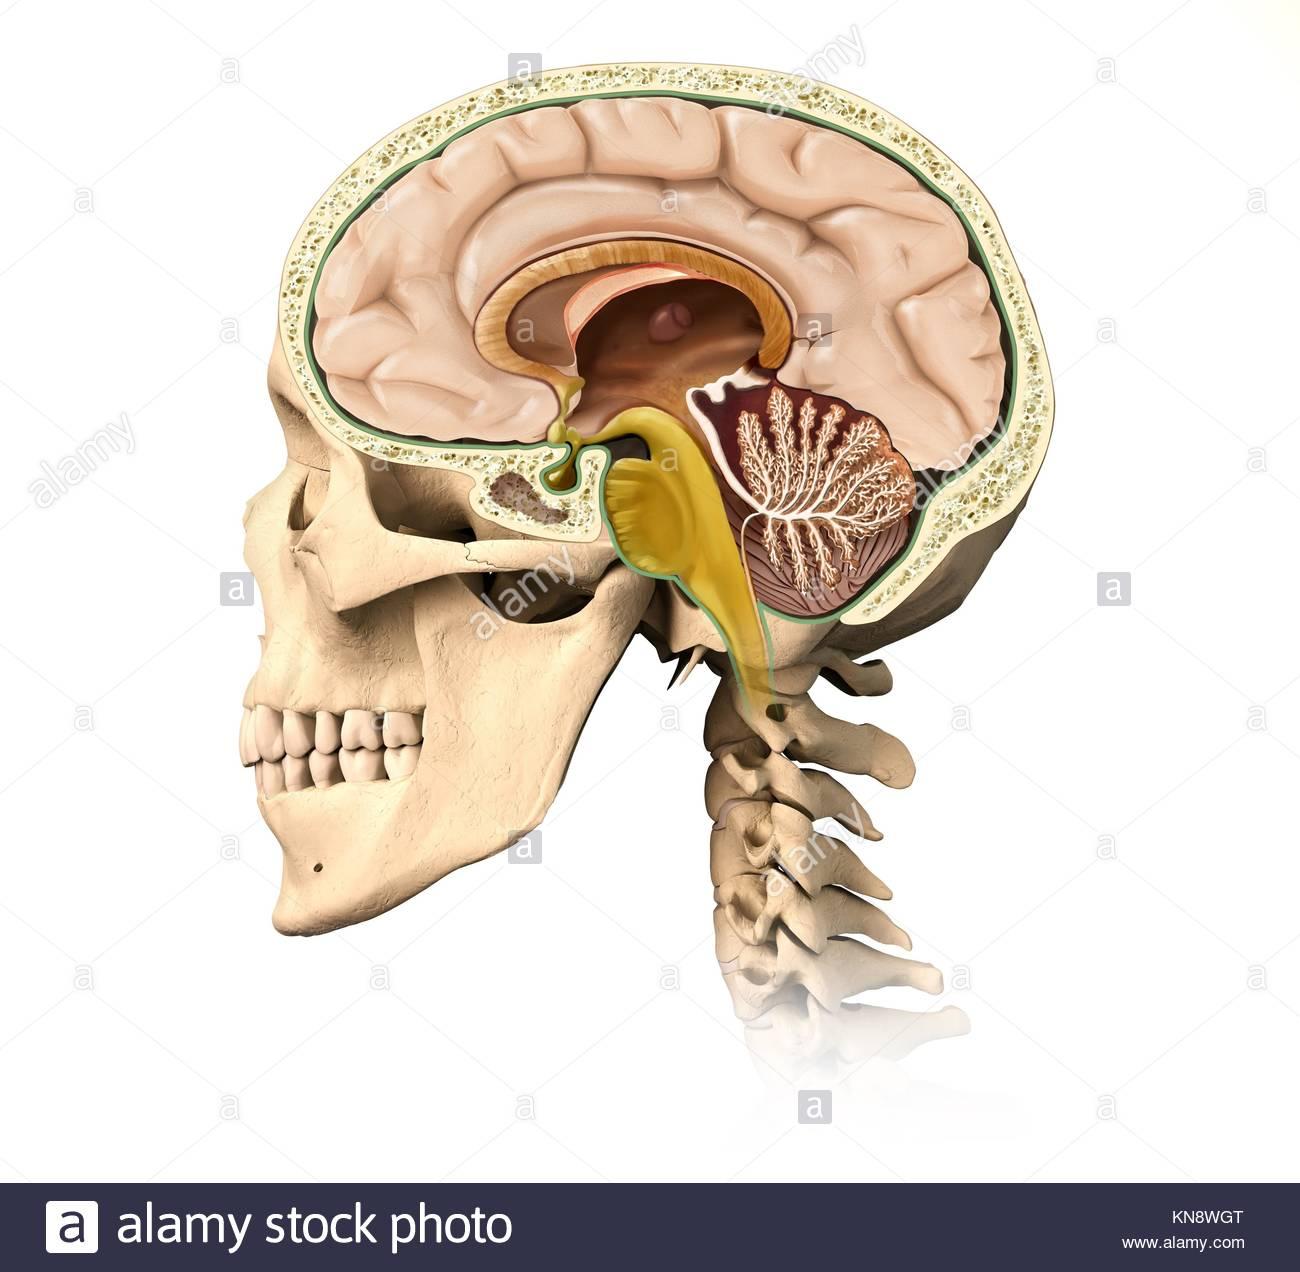 Muy detallada y científicamente correctos skullcutaway humano, con ...